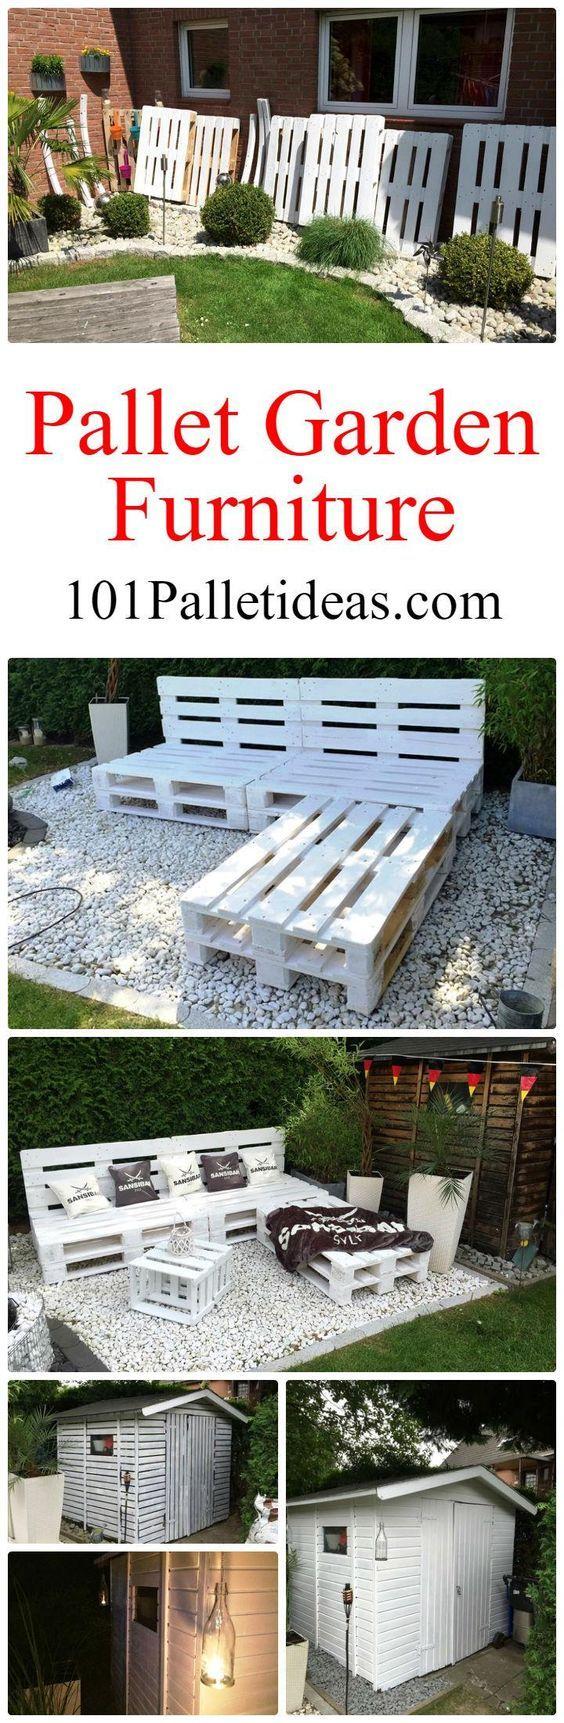 Pallet Garden Furniture Diy 101 Pallet Ideas Stan 1